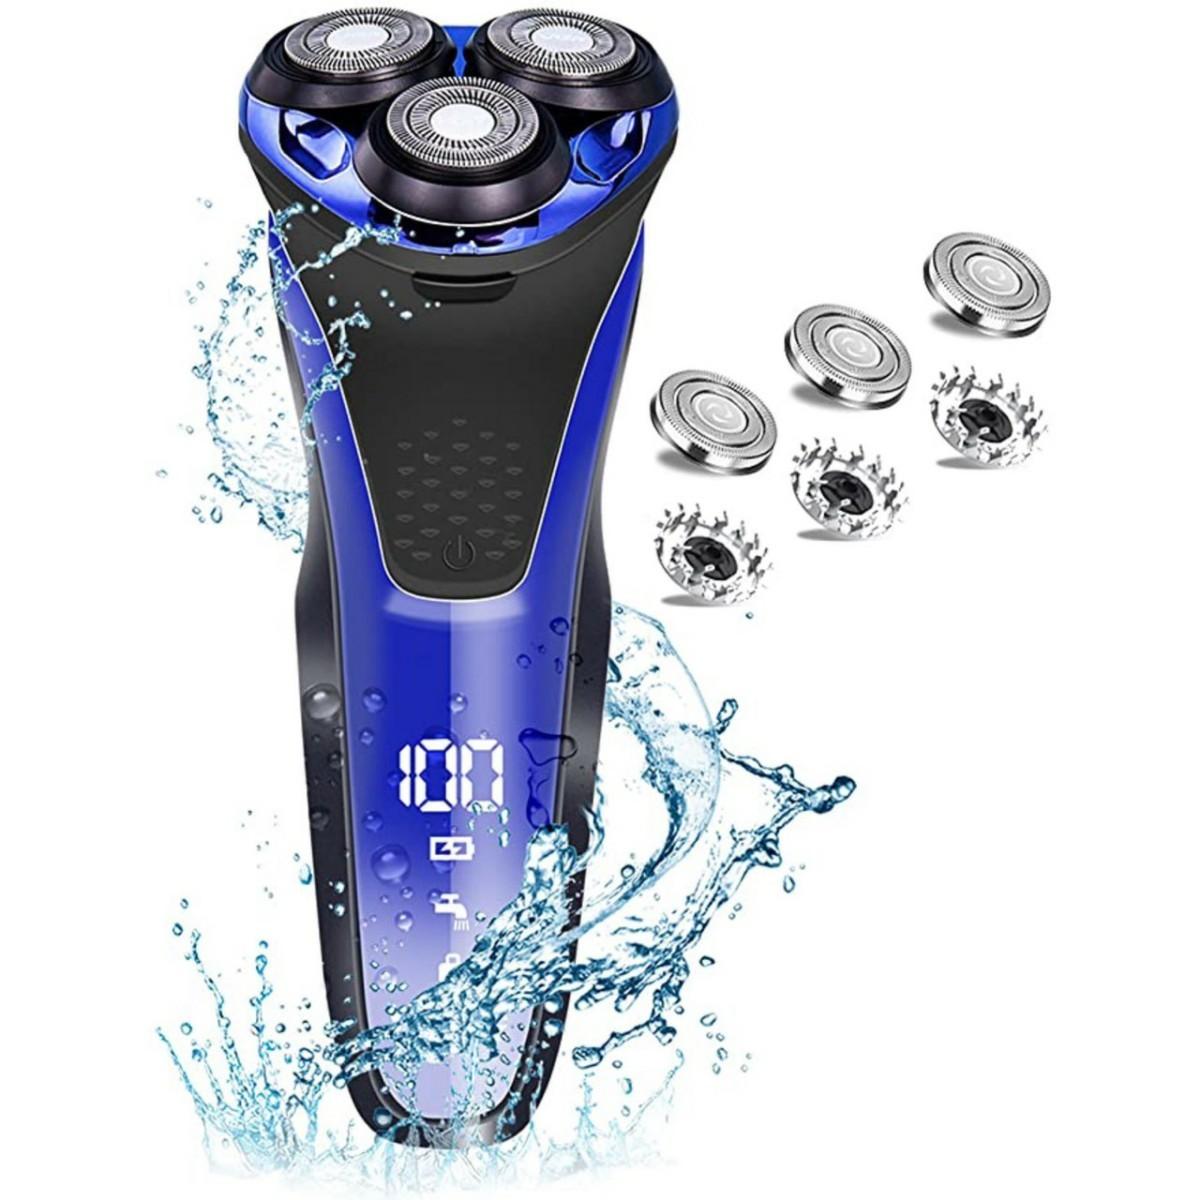 メンズシェーバー 電気シェーバー 髭剃り 回転式 3枚刃防水 LEDディスプレイ